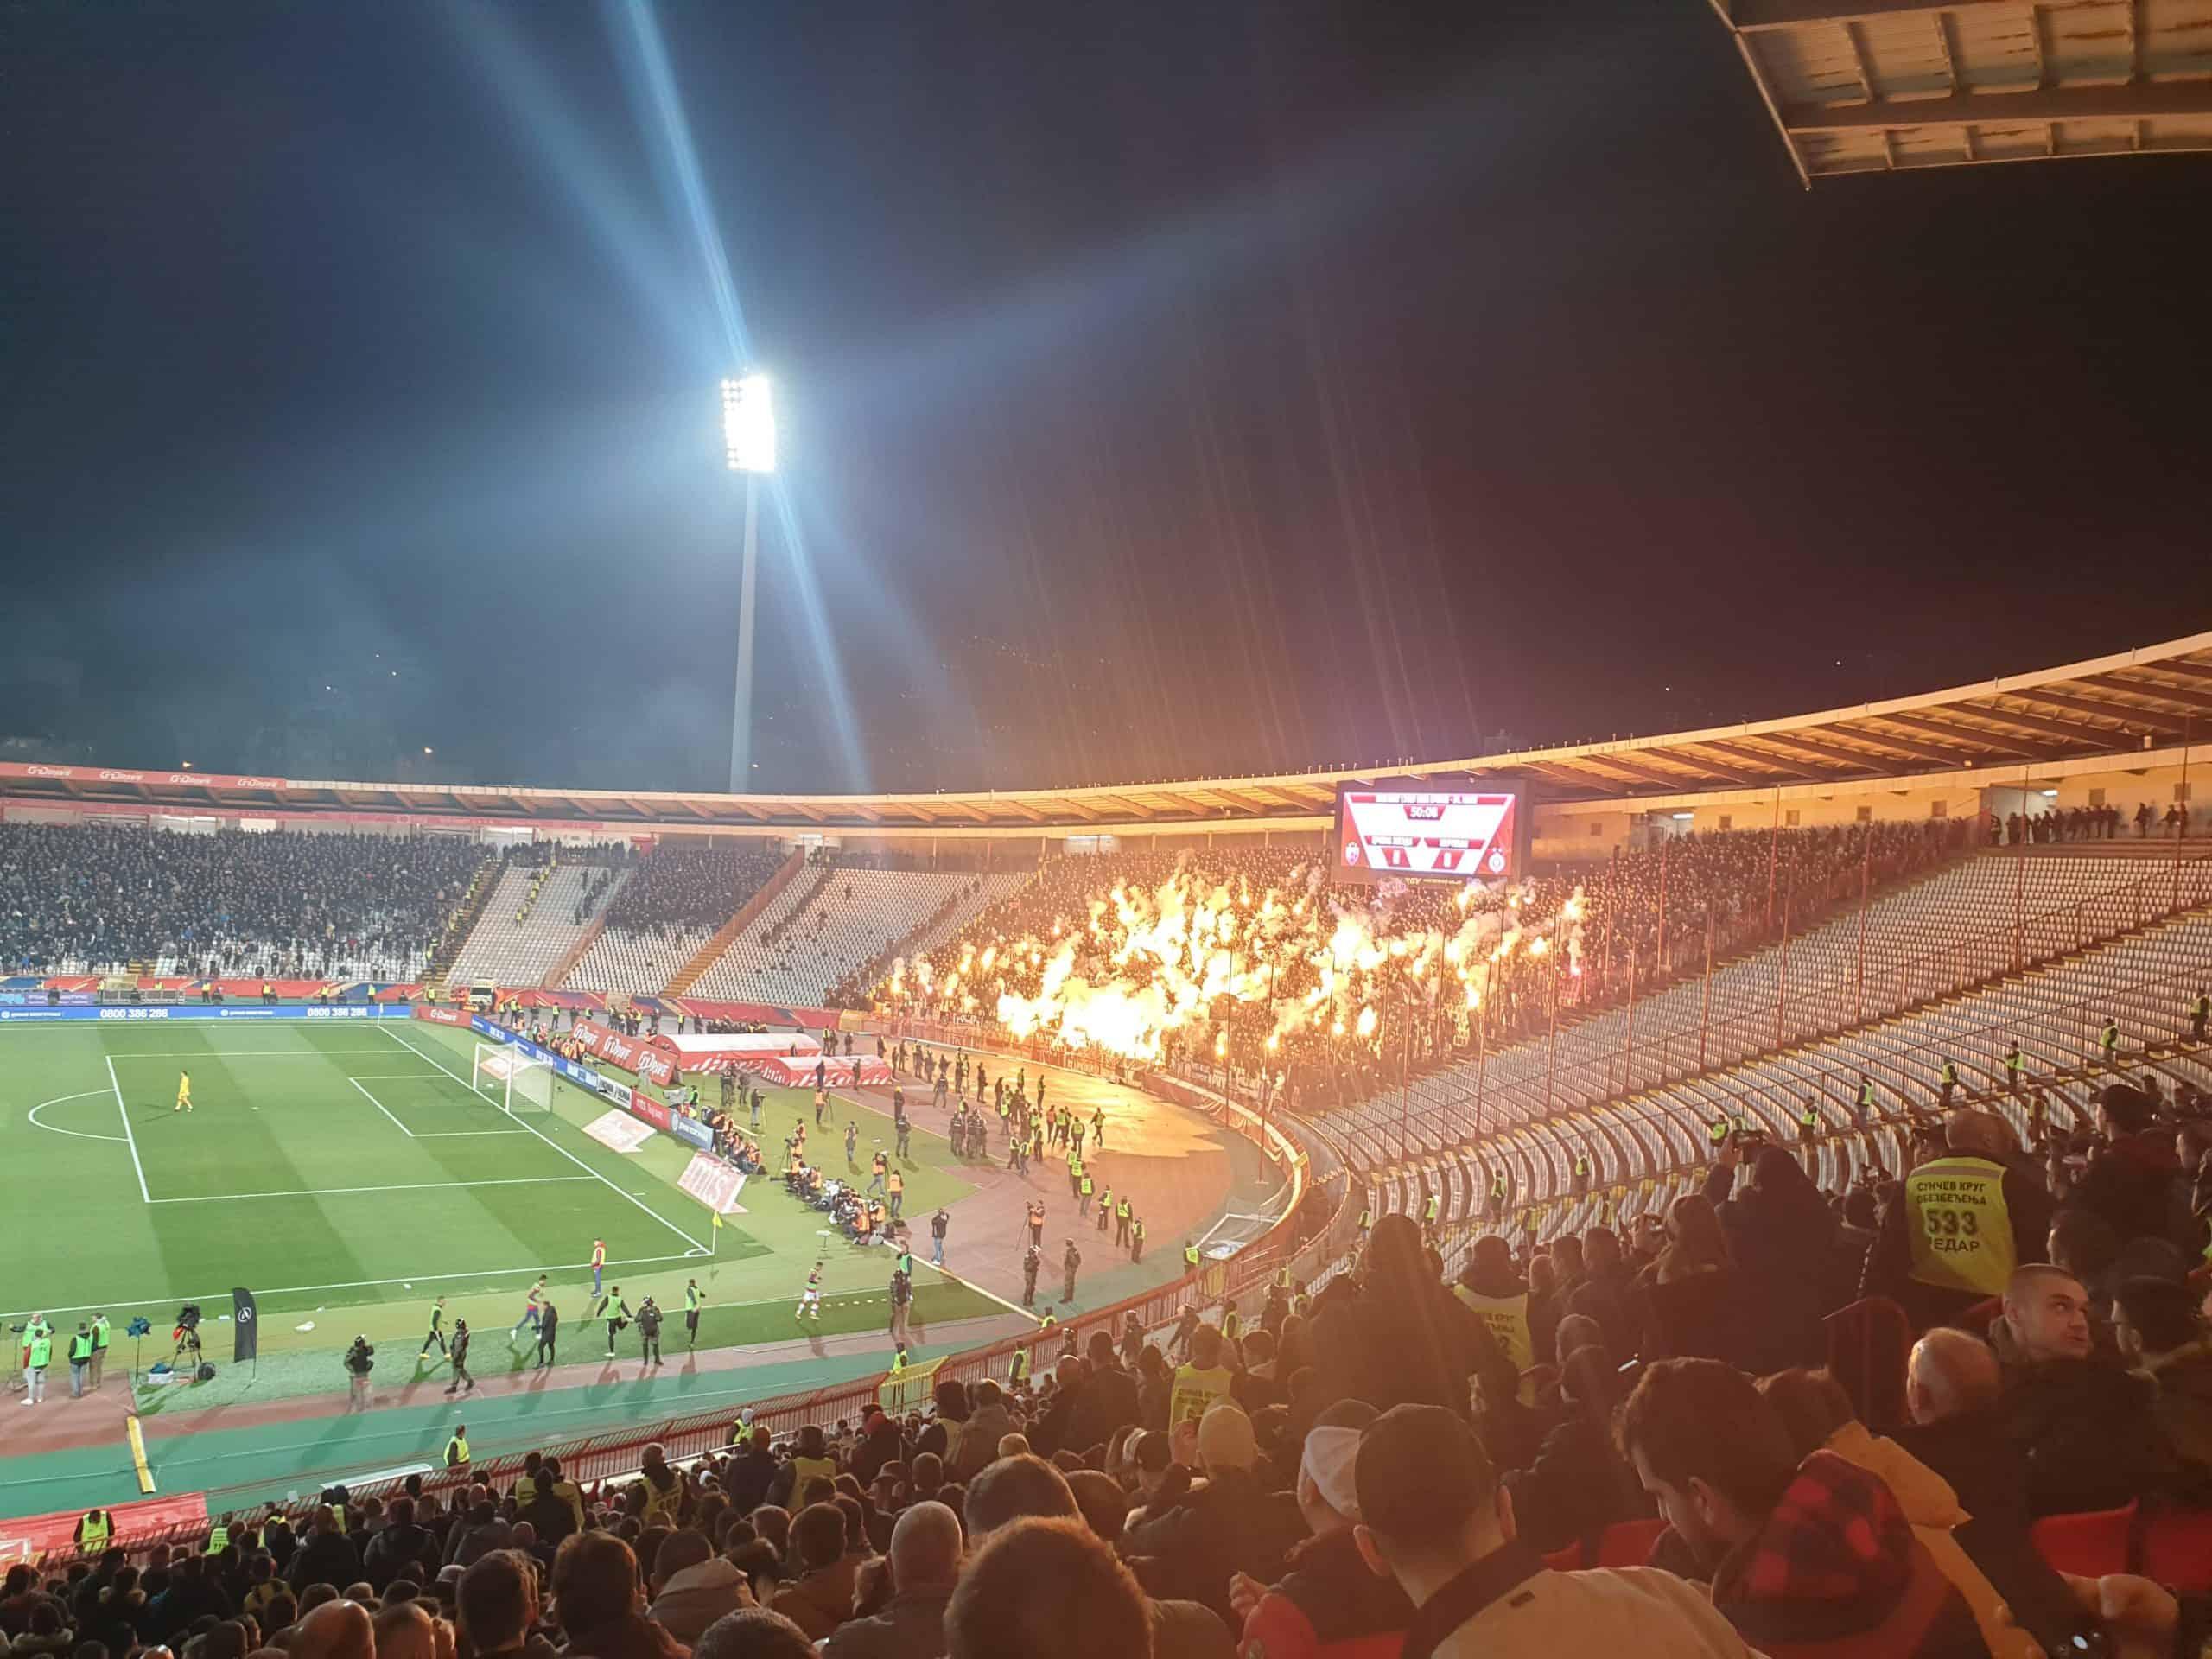 Fodboldrejse til Beograd: FK Partizan Beograd fans til The Eternal Derby